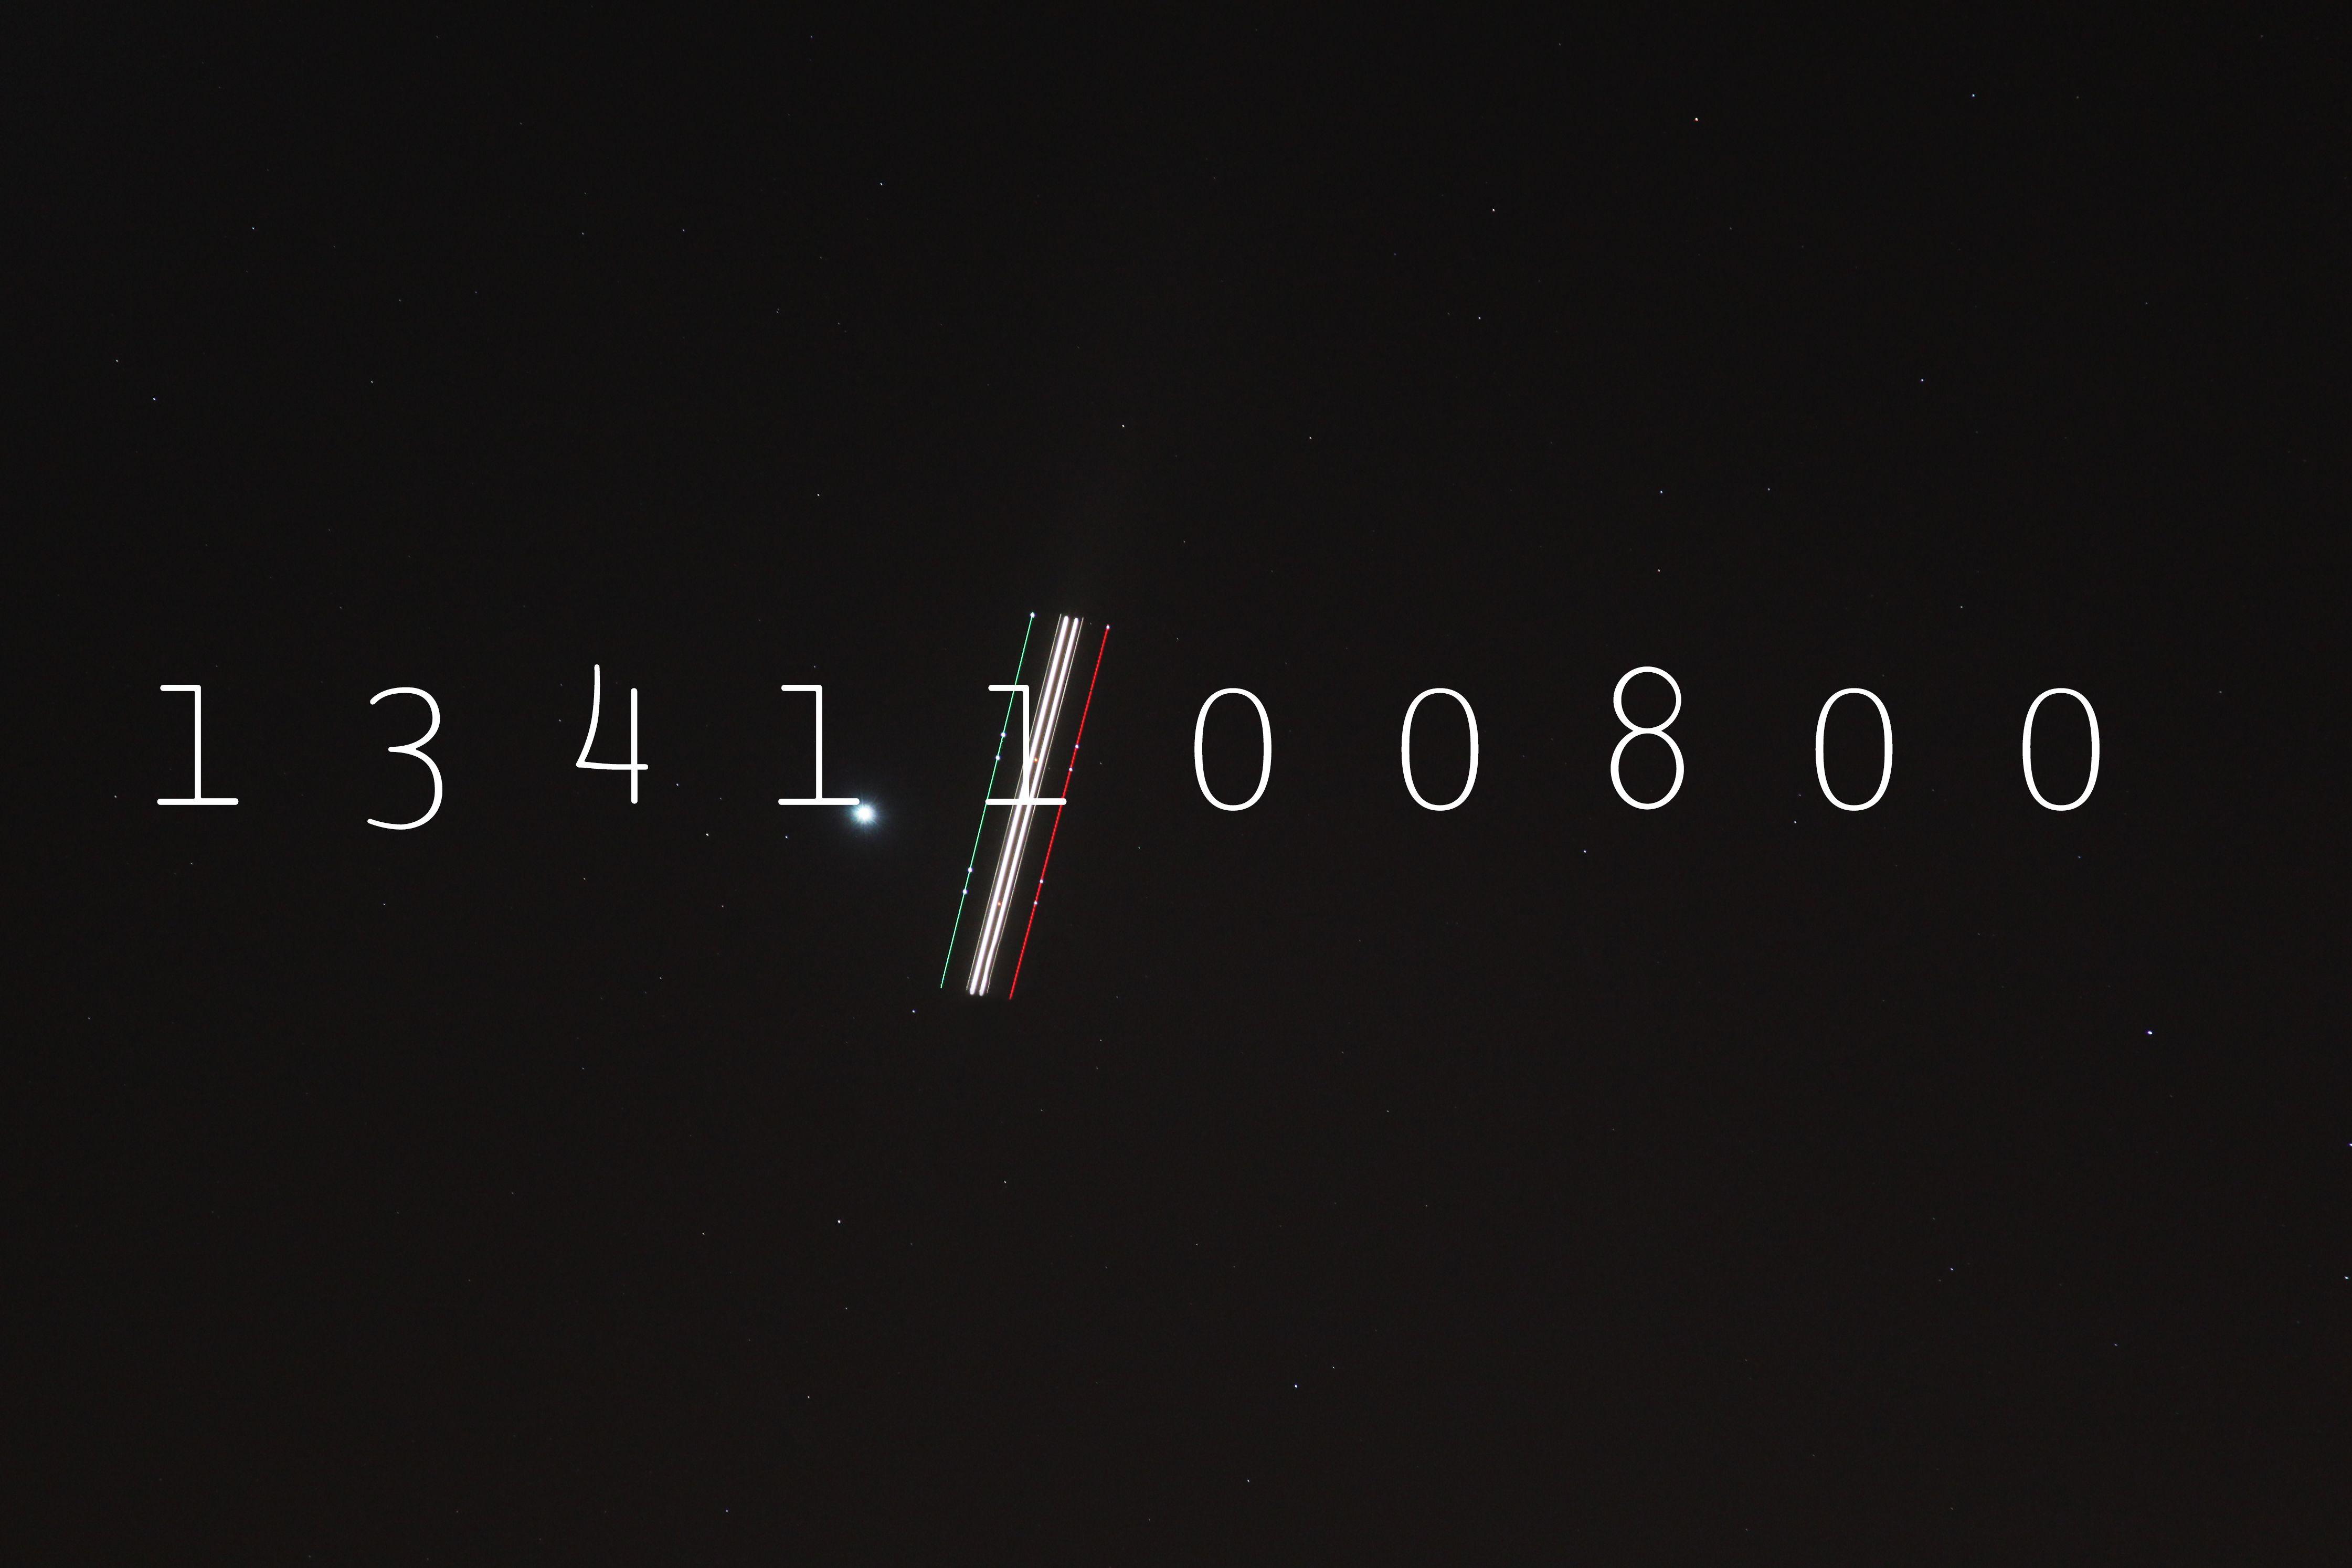 Leap Second, 30 June 2012 - 23:59:60